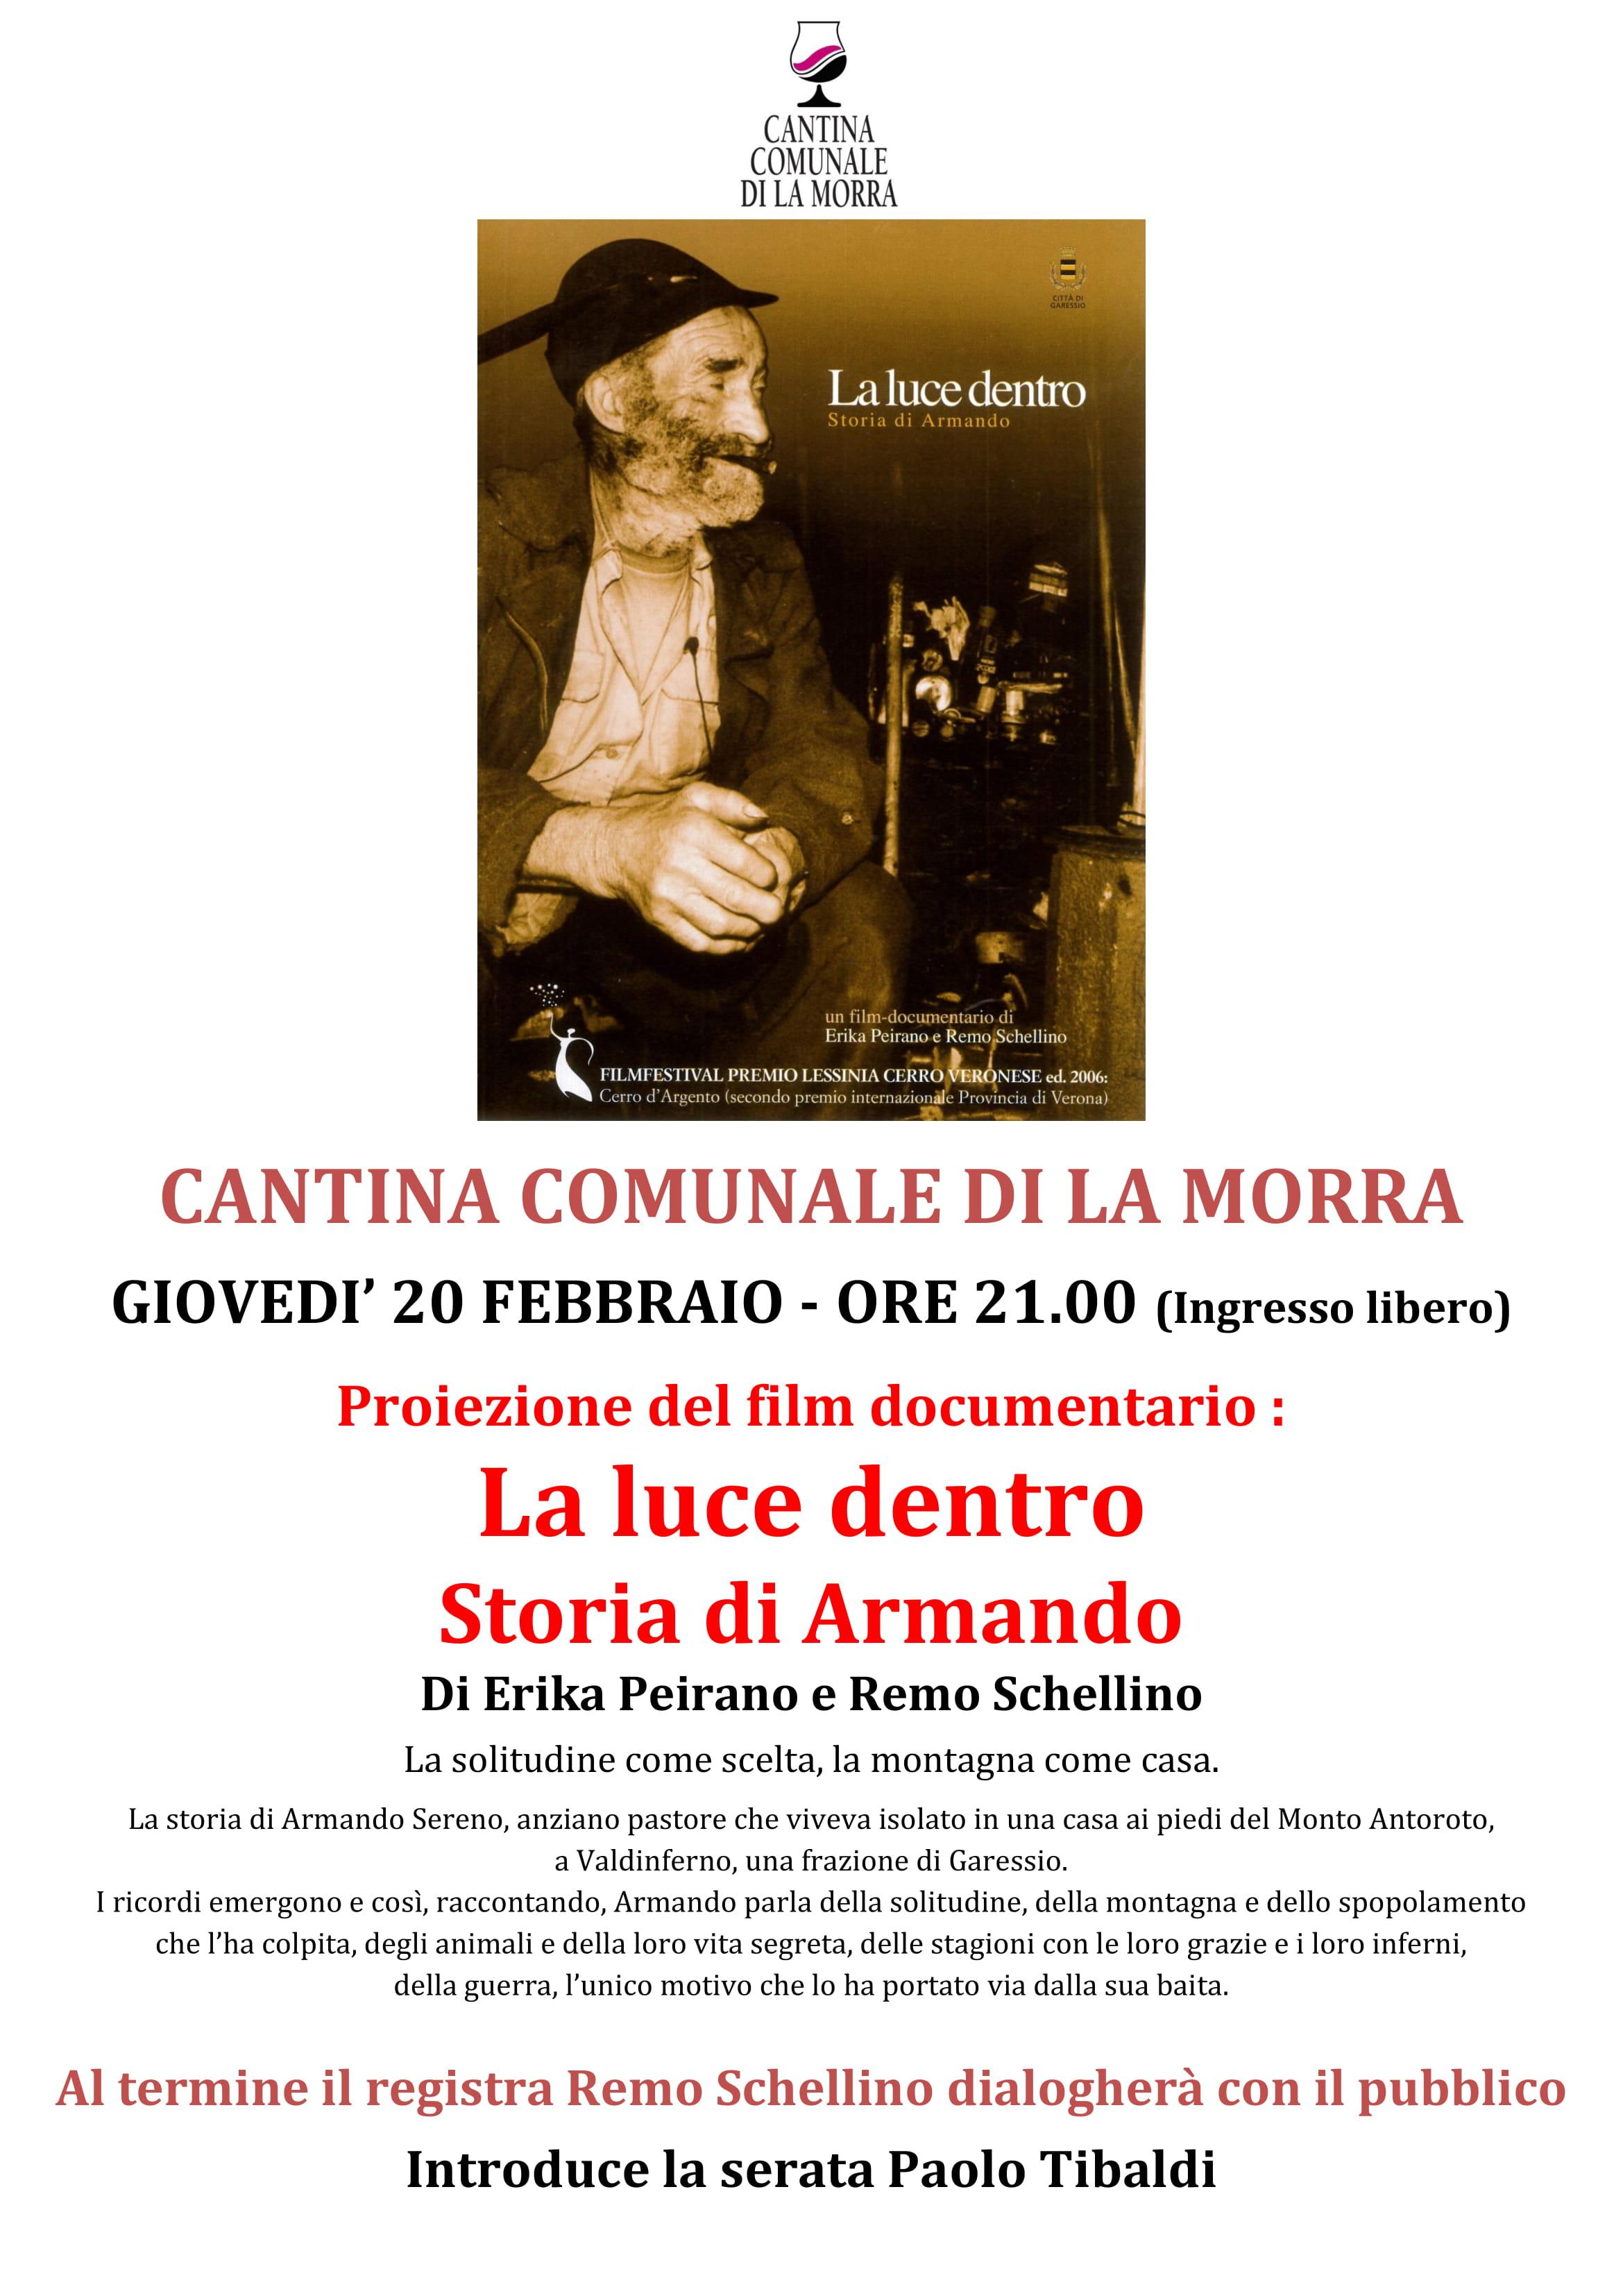 locandina-20-febbraio-con-nda-1